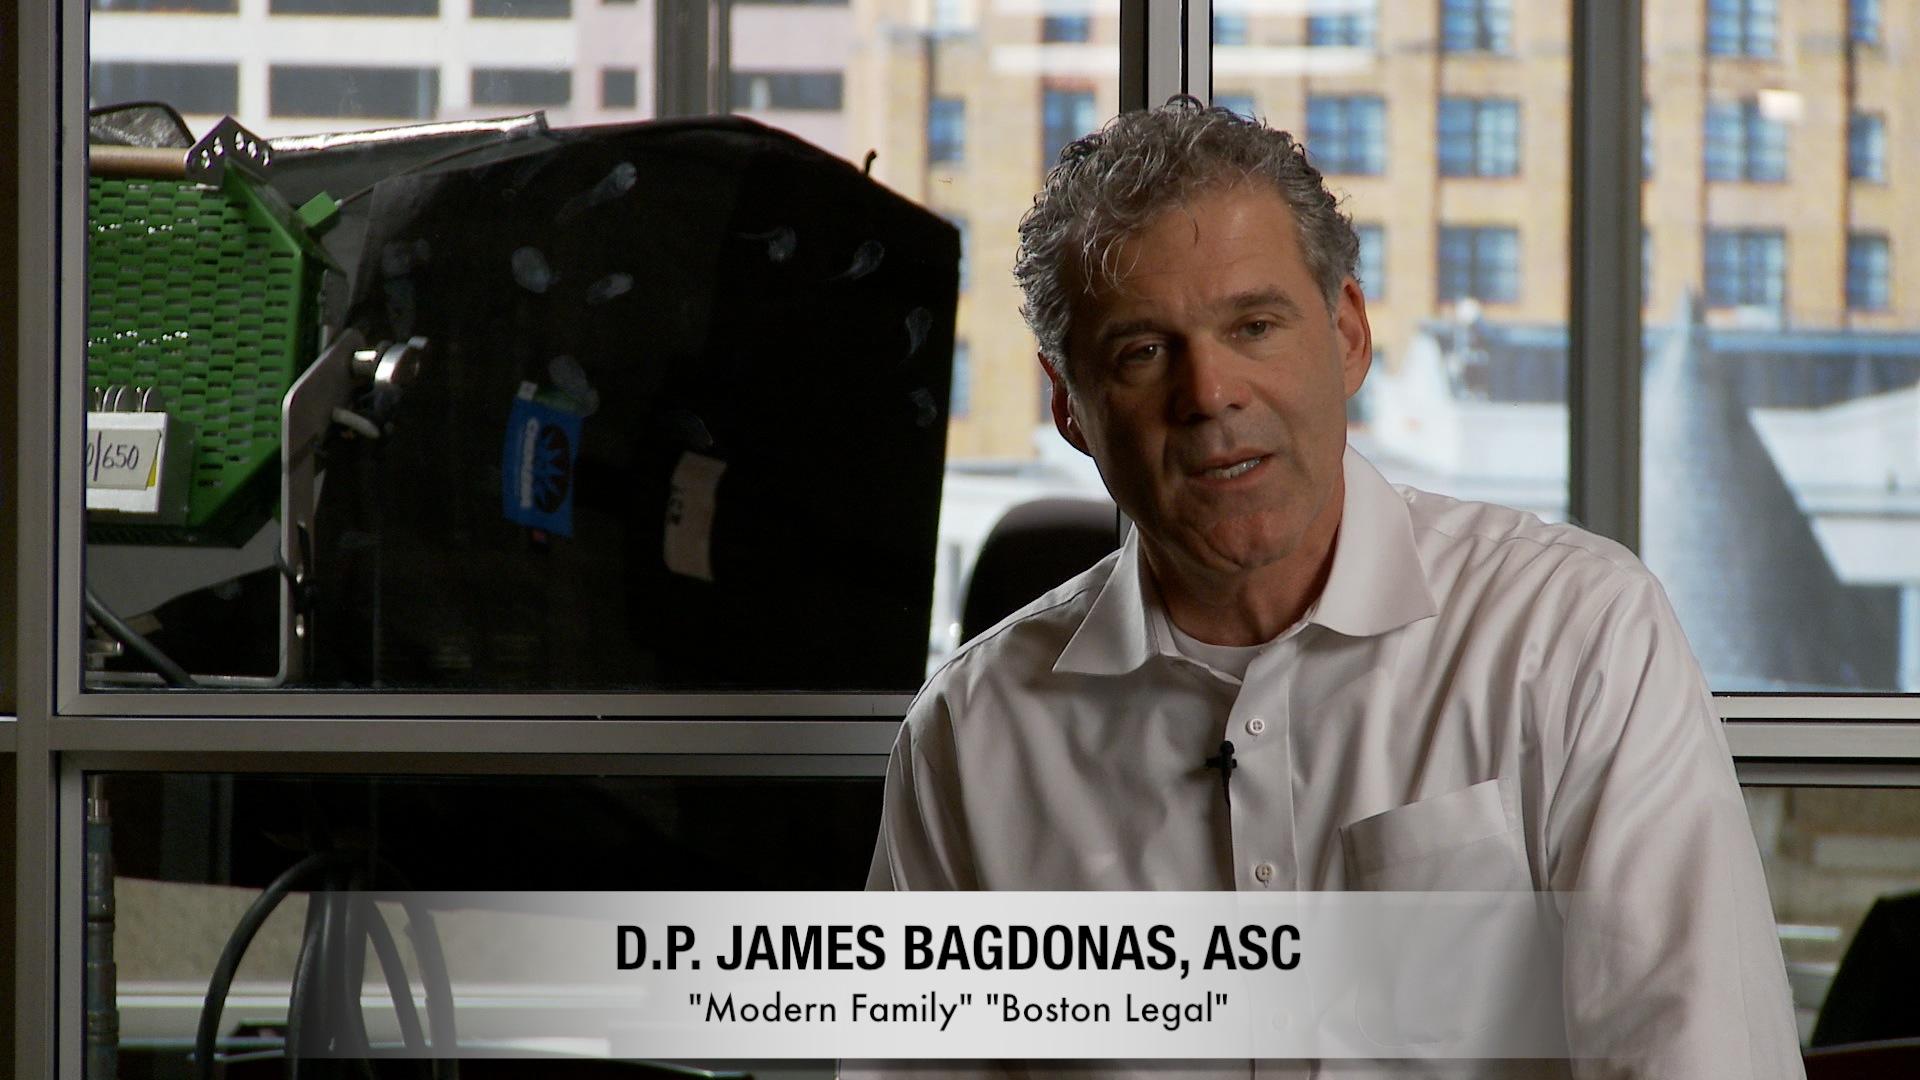 Jim Bagdonas